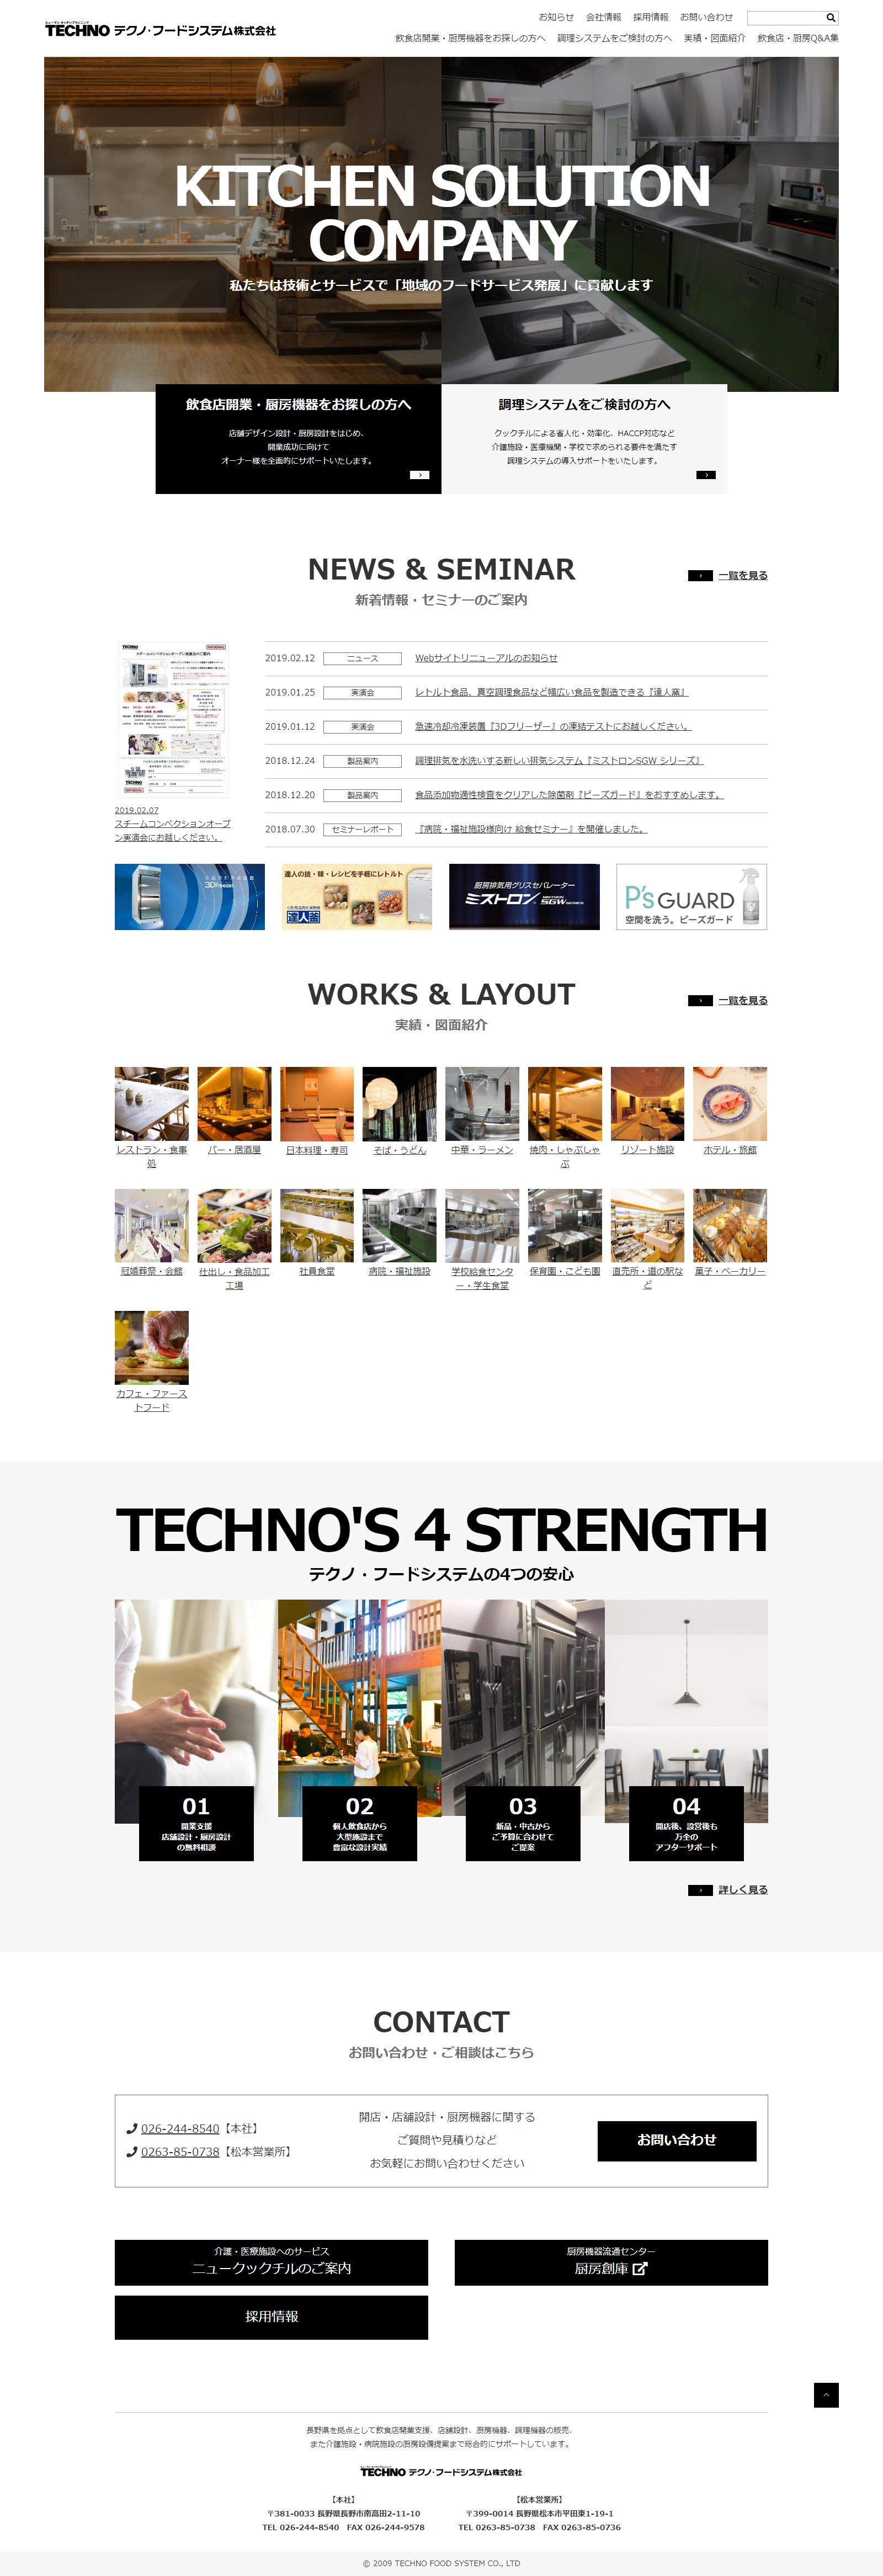 テクノ・フードシステムWebサイト(トップページデザイン)